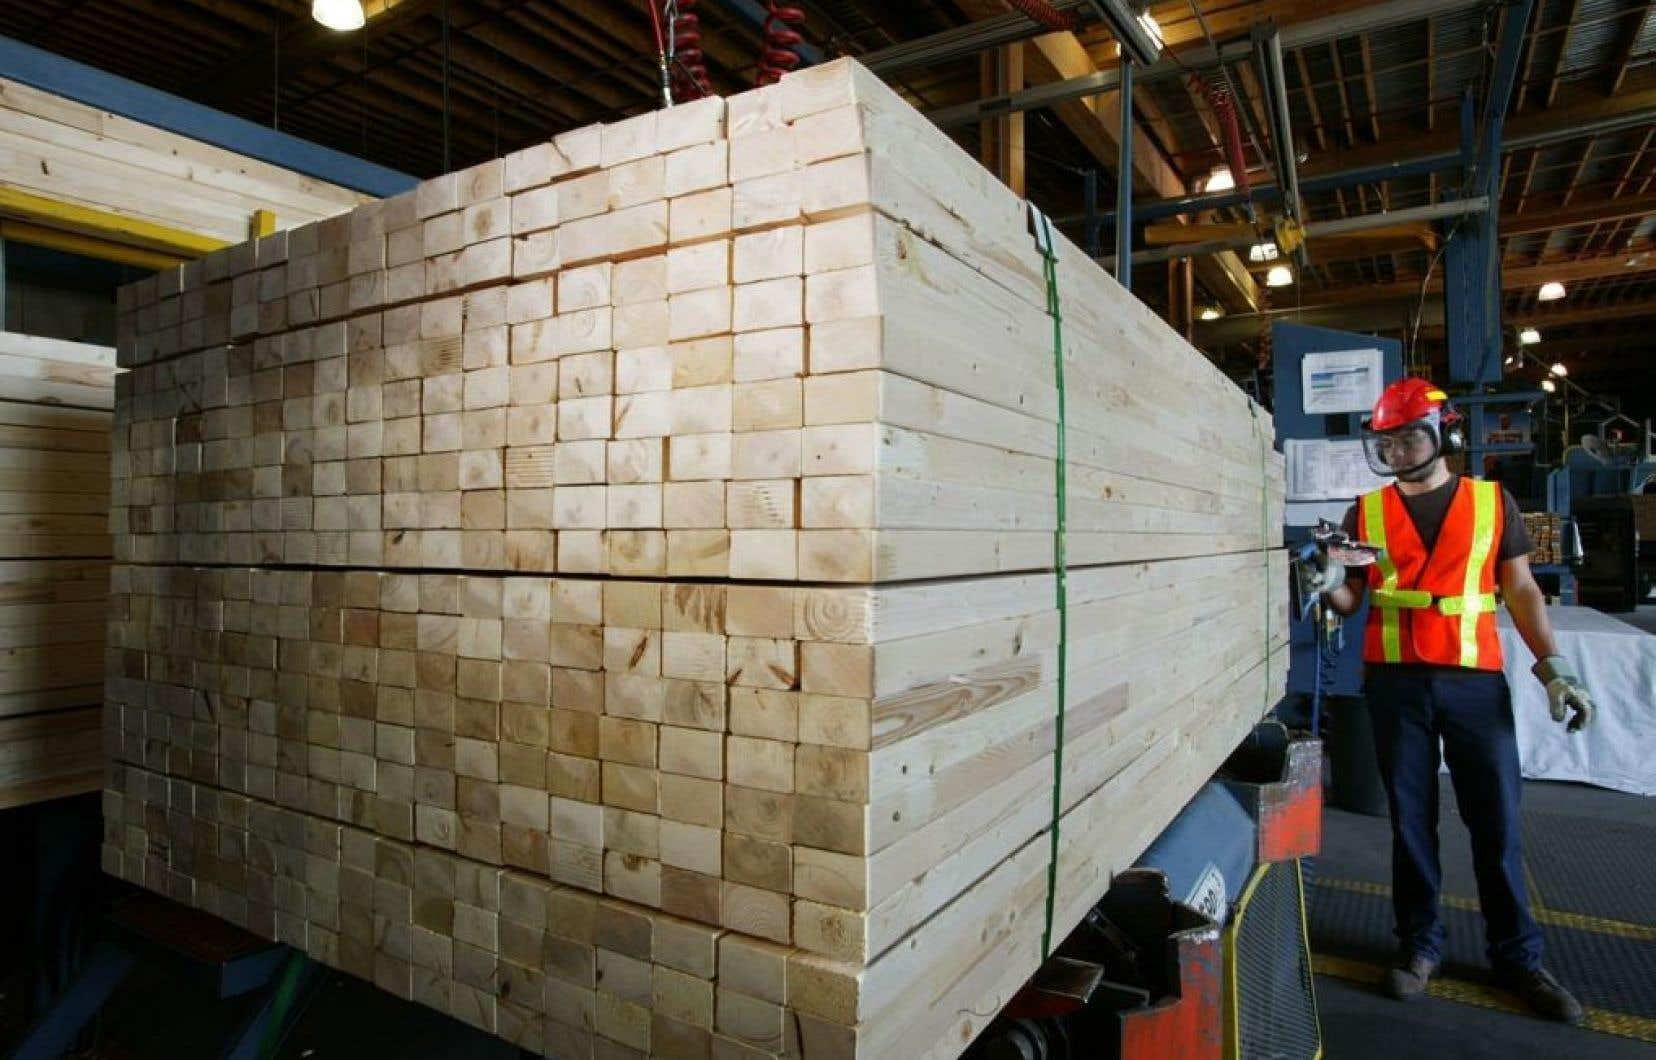 Résolu, autrefois connue comme AbtibiBowater, compte 19 usines de pâtes et papiers et 21 usines de produits du bois, comme le bois d'oeuvre et le bois d'ingénierie.